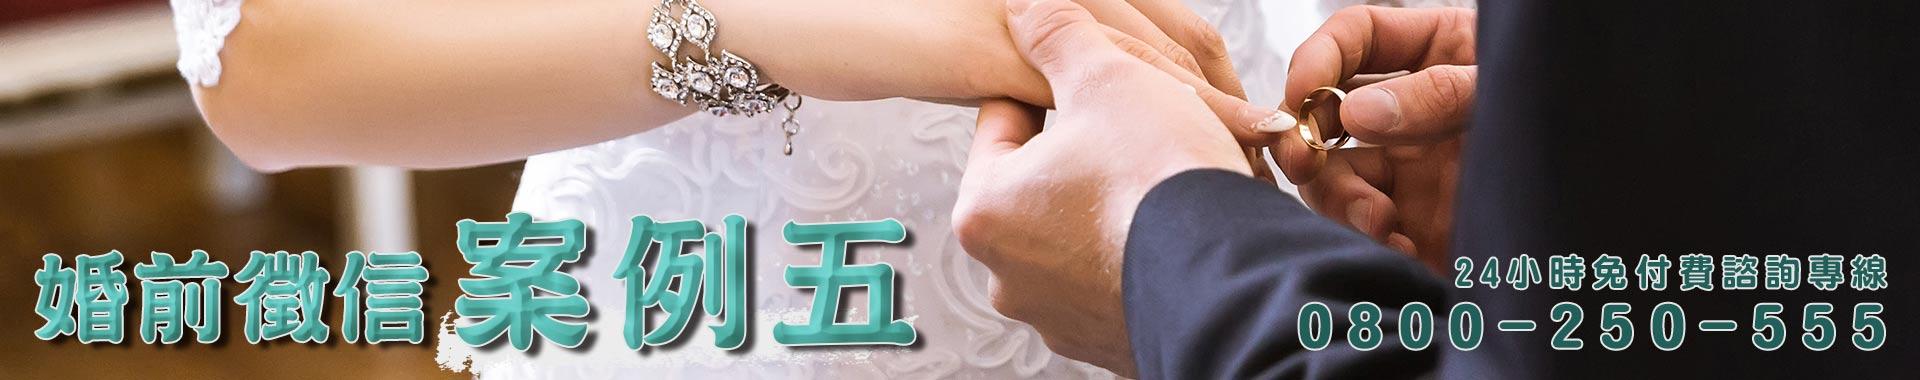 婚前徵信案例五